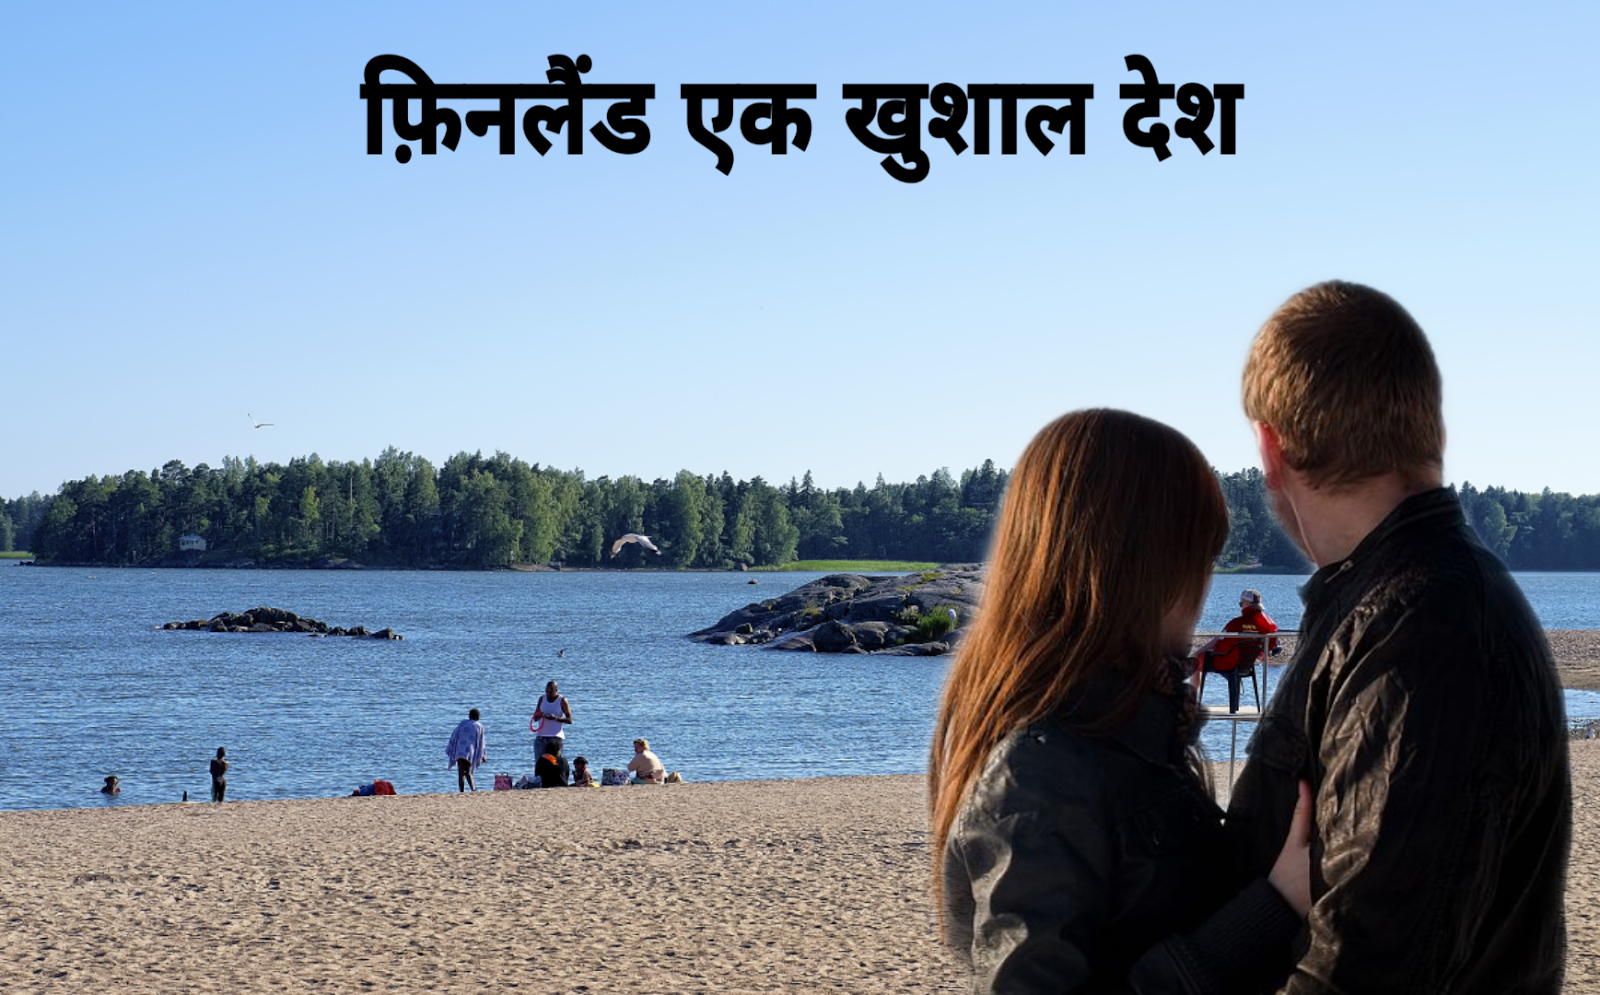 Amazing Facts about Finland in Hindi - फ़िनलैंड के बारे में 21 रोचक तथ्य,दुनिया में सबसे खुश लोगो का देश फ़िनलैंड - Interesting Facts about Finland in Hindi